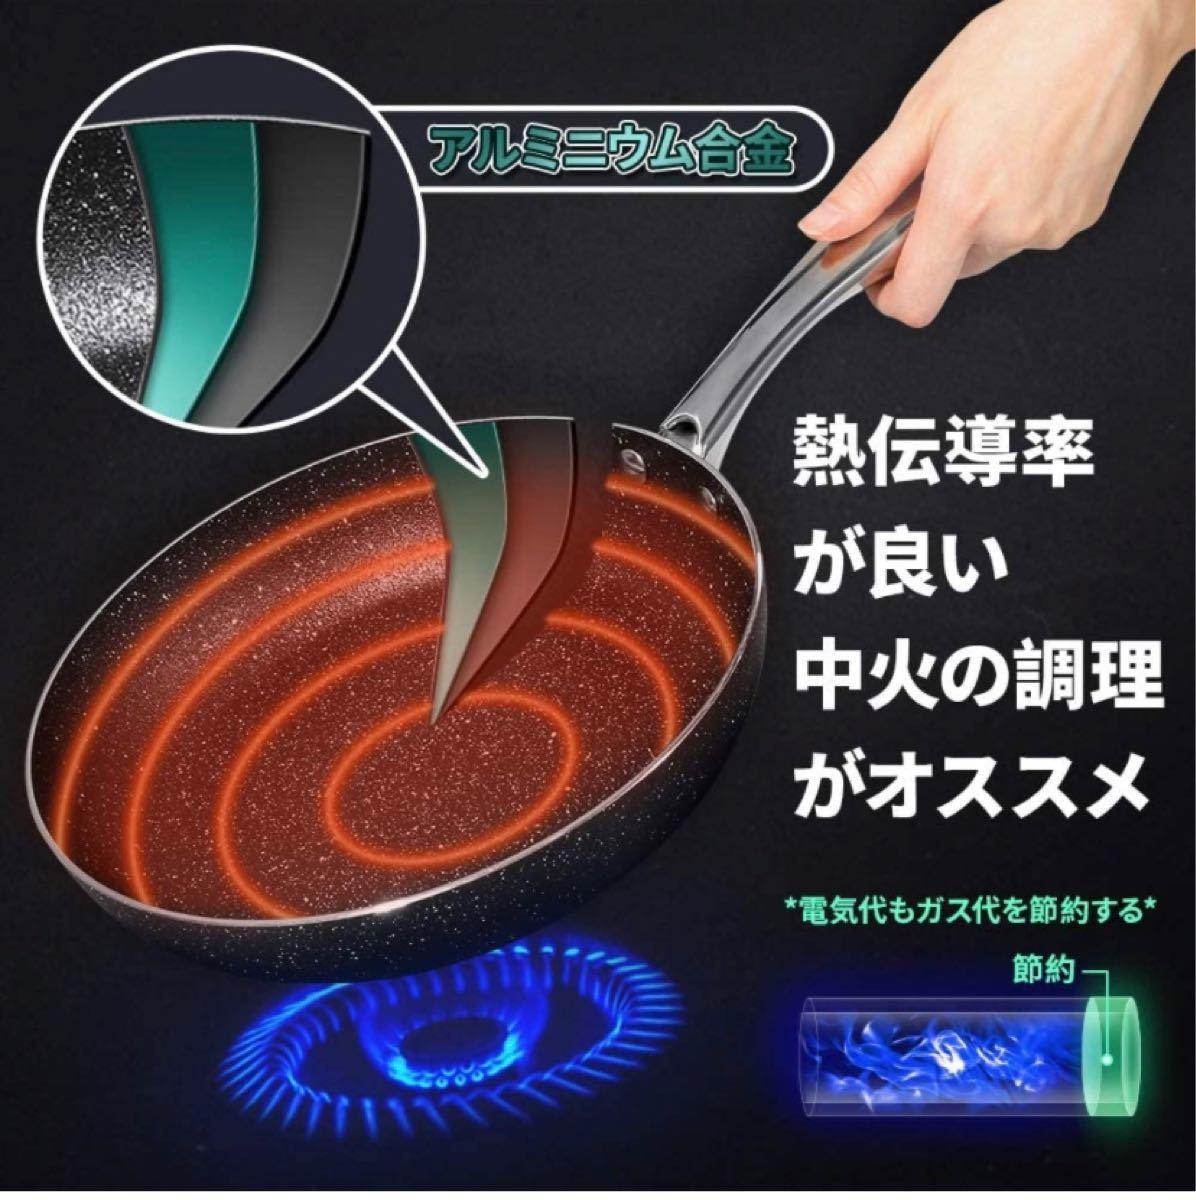 【フライパン+まな板セット価格】フライパン 24cm IH ガス対応 +まな板